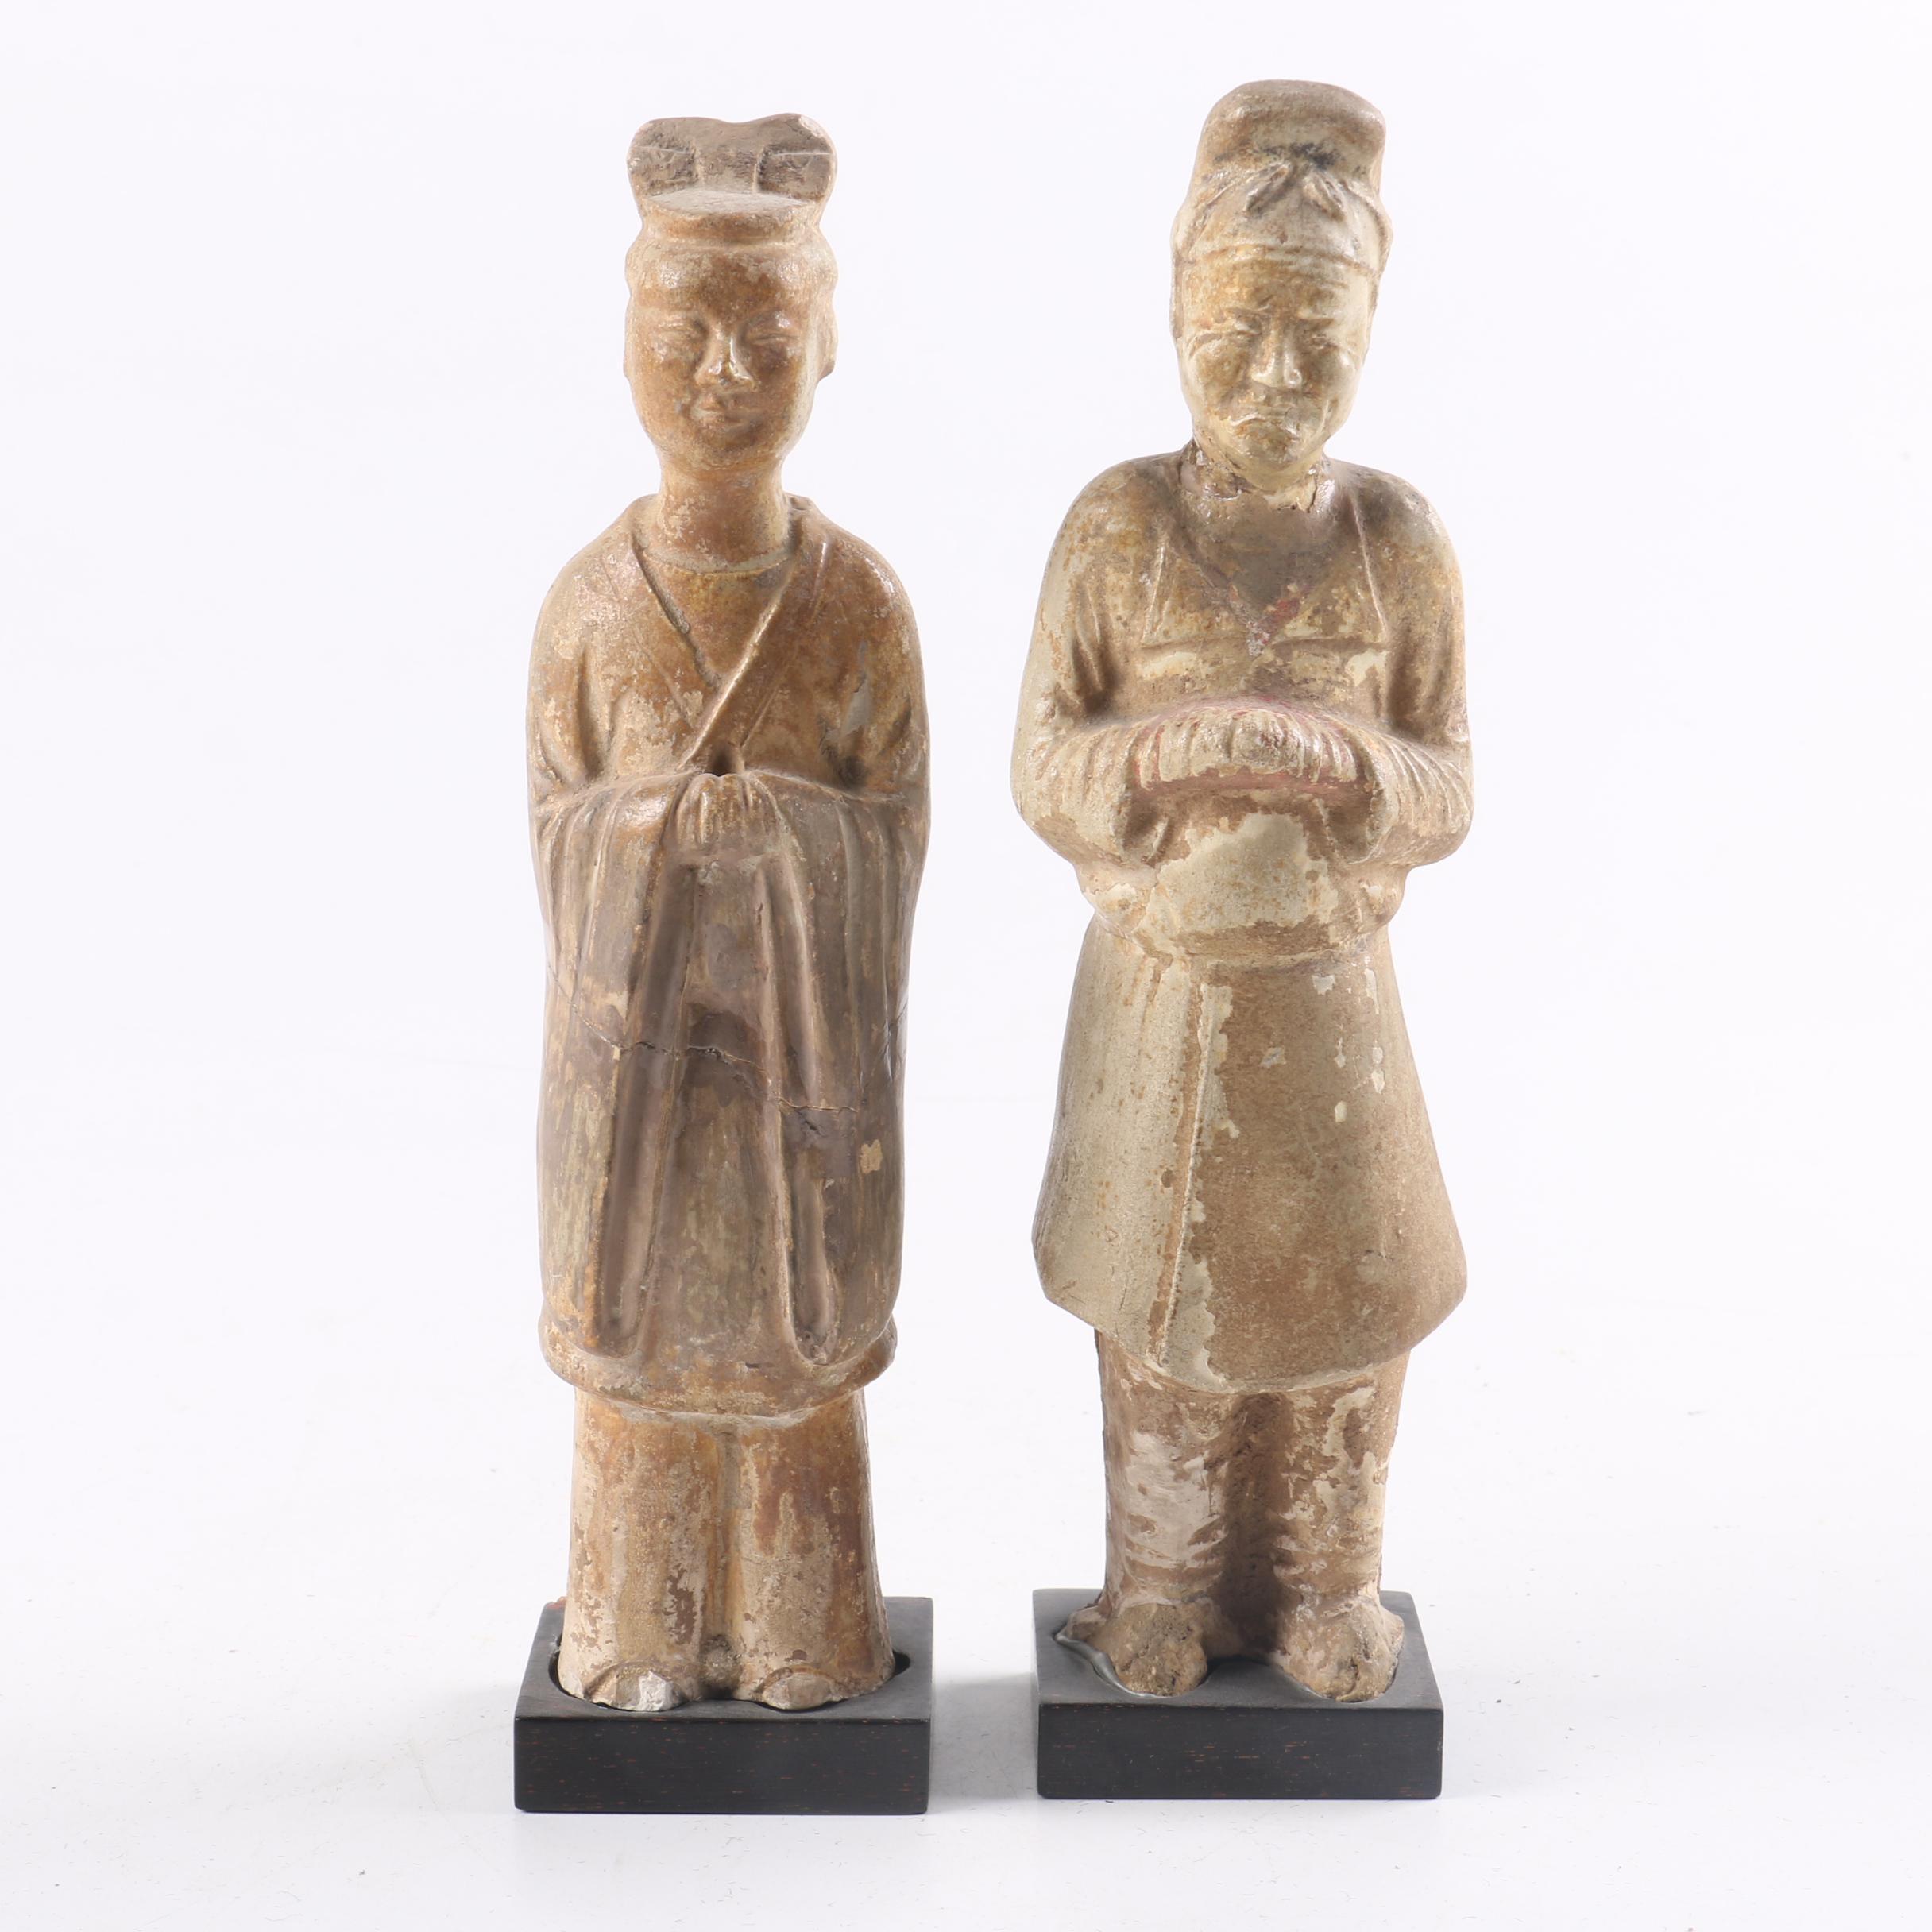 Semi-Antique Chinese Figurines